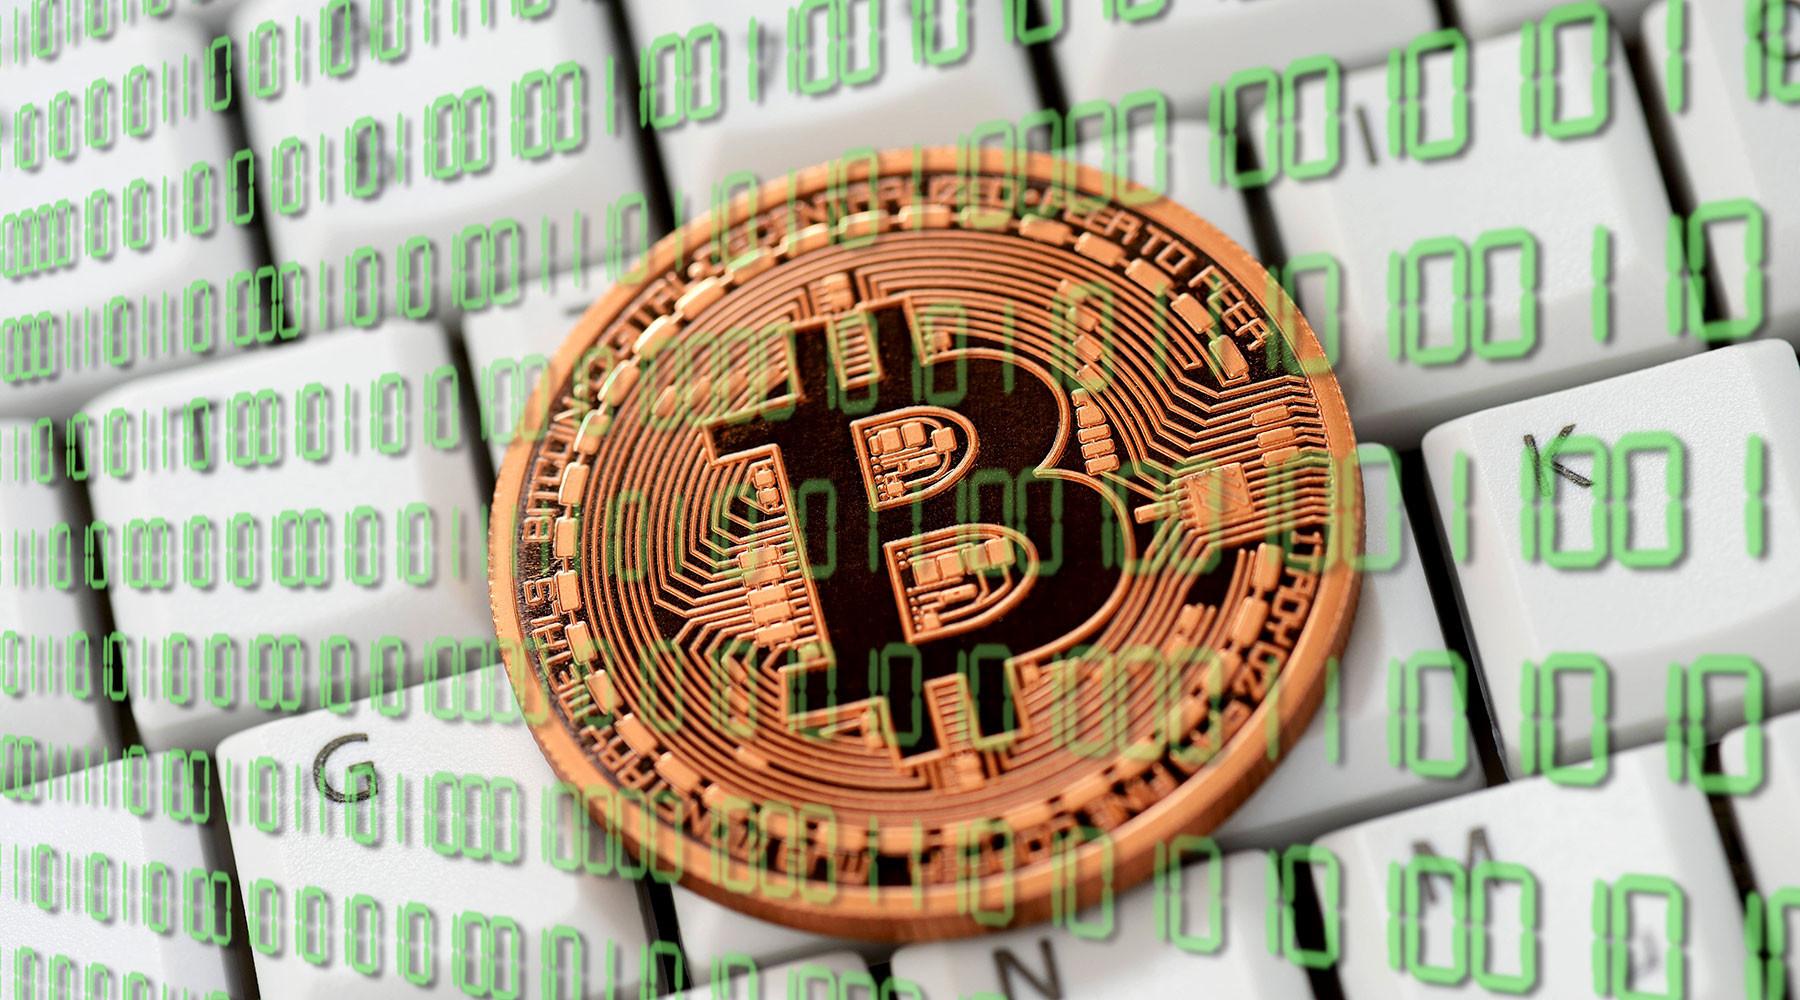 Центробанк и Генпрокуратура обсуждают возможность закрытия сайтов по покупке криптовалют»